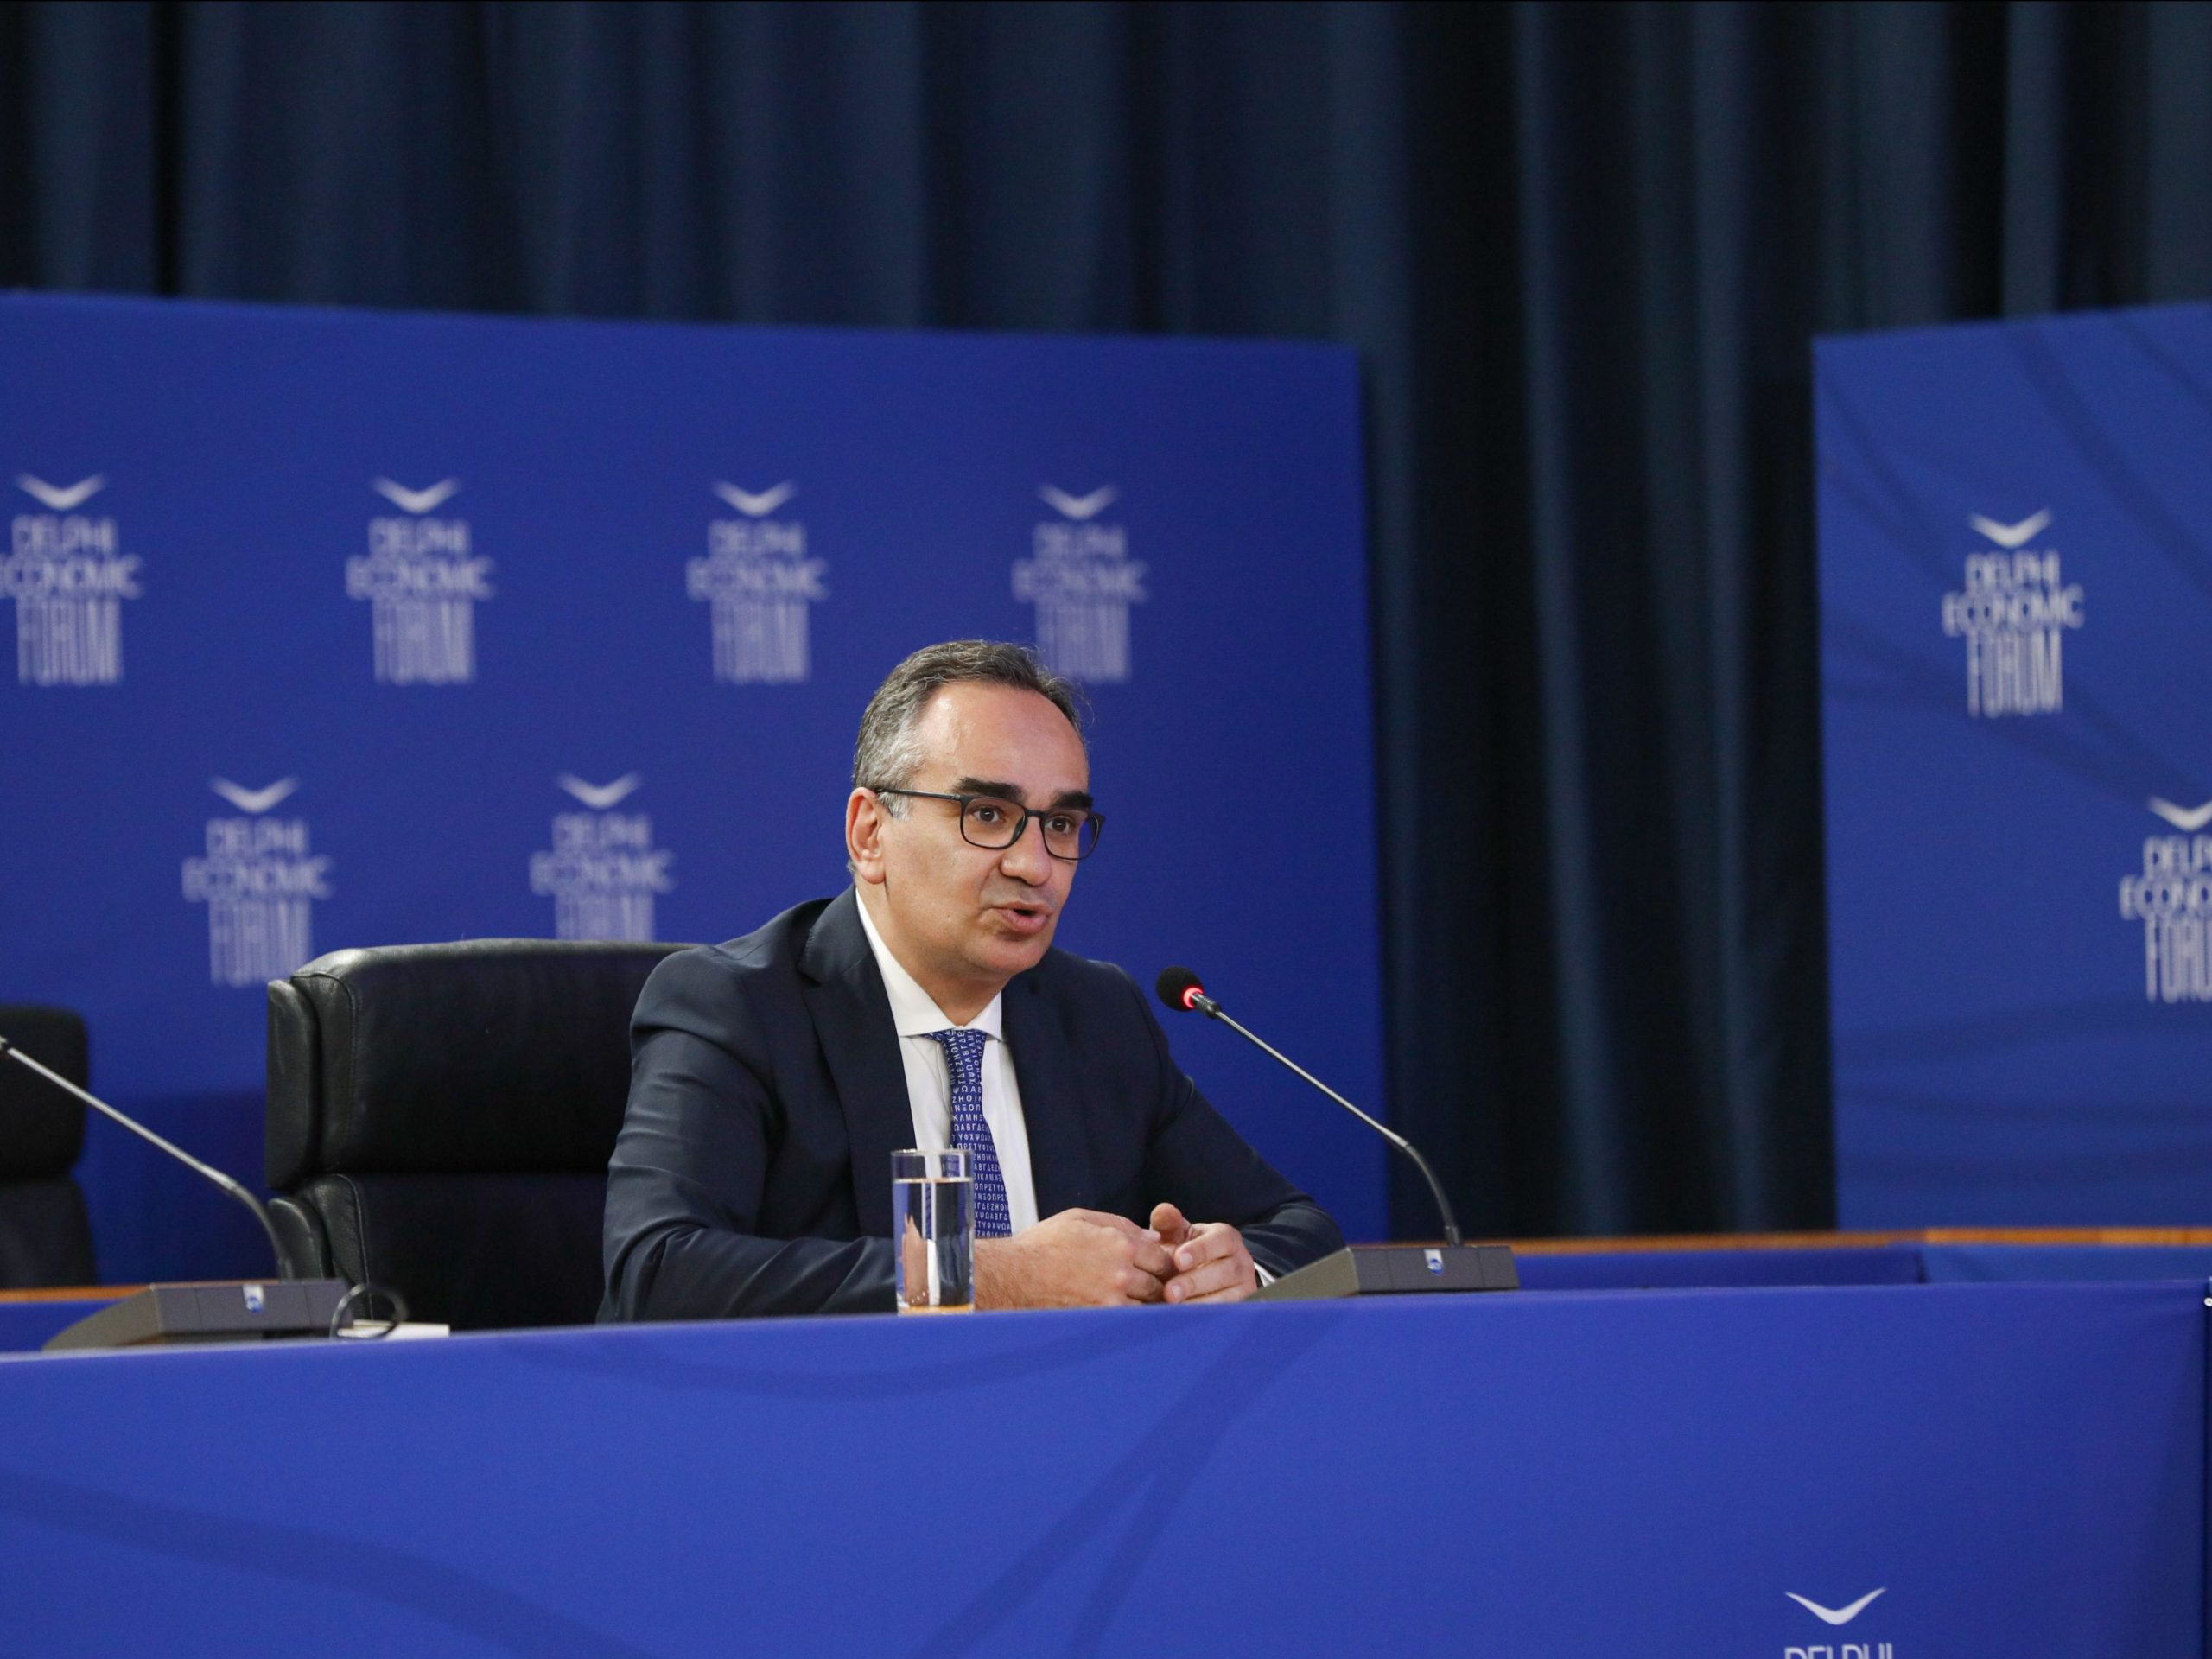 Βασίλης Κοντοζαμάνης: Κυβερνητική προτεραιότητα η αντιμετώπιση του Καρκίνου μέσω του Ευρωπαϊκού Σχεδίου Δράσης